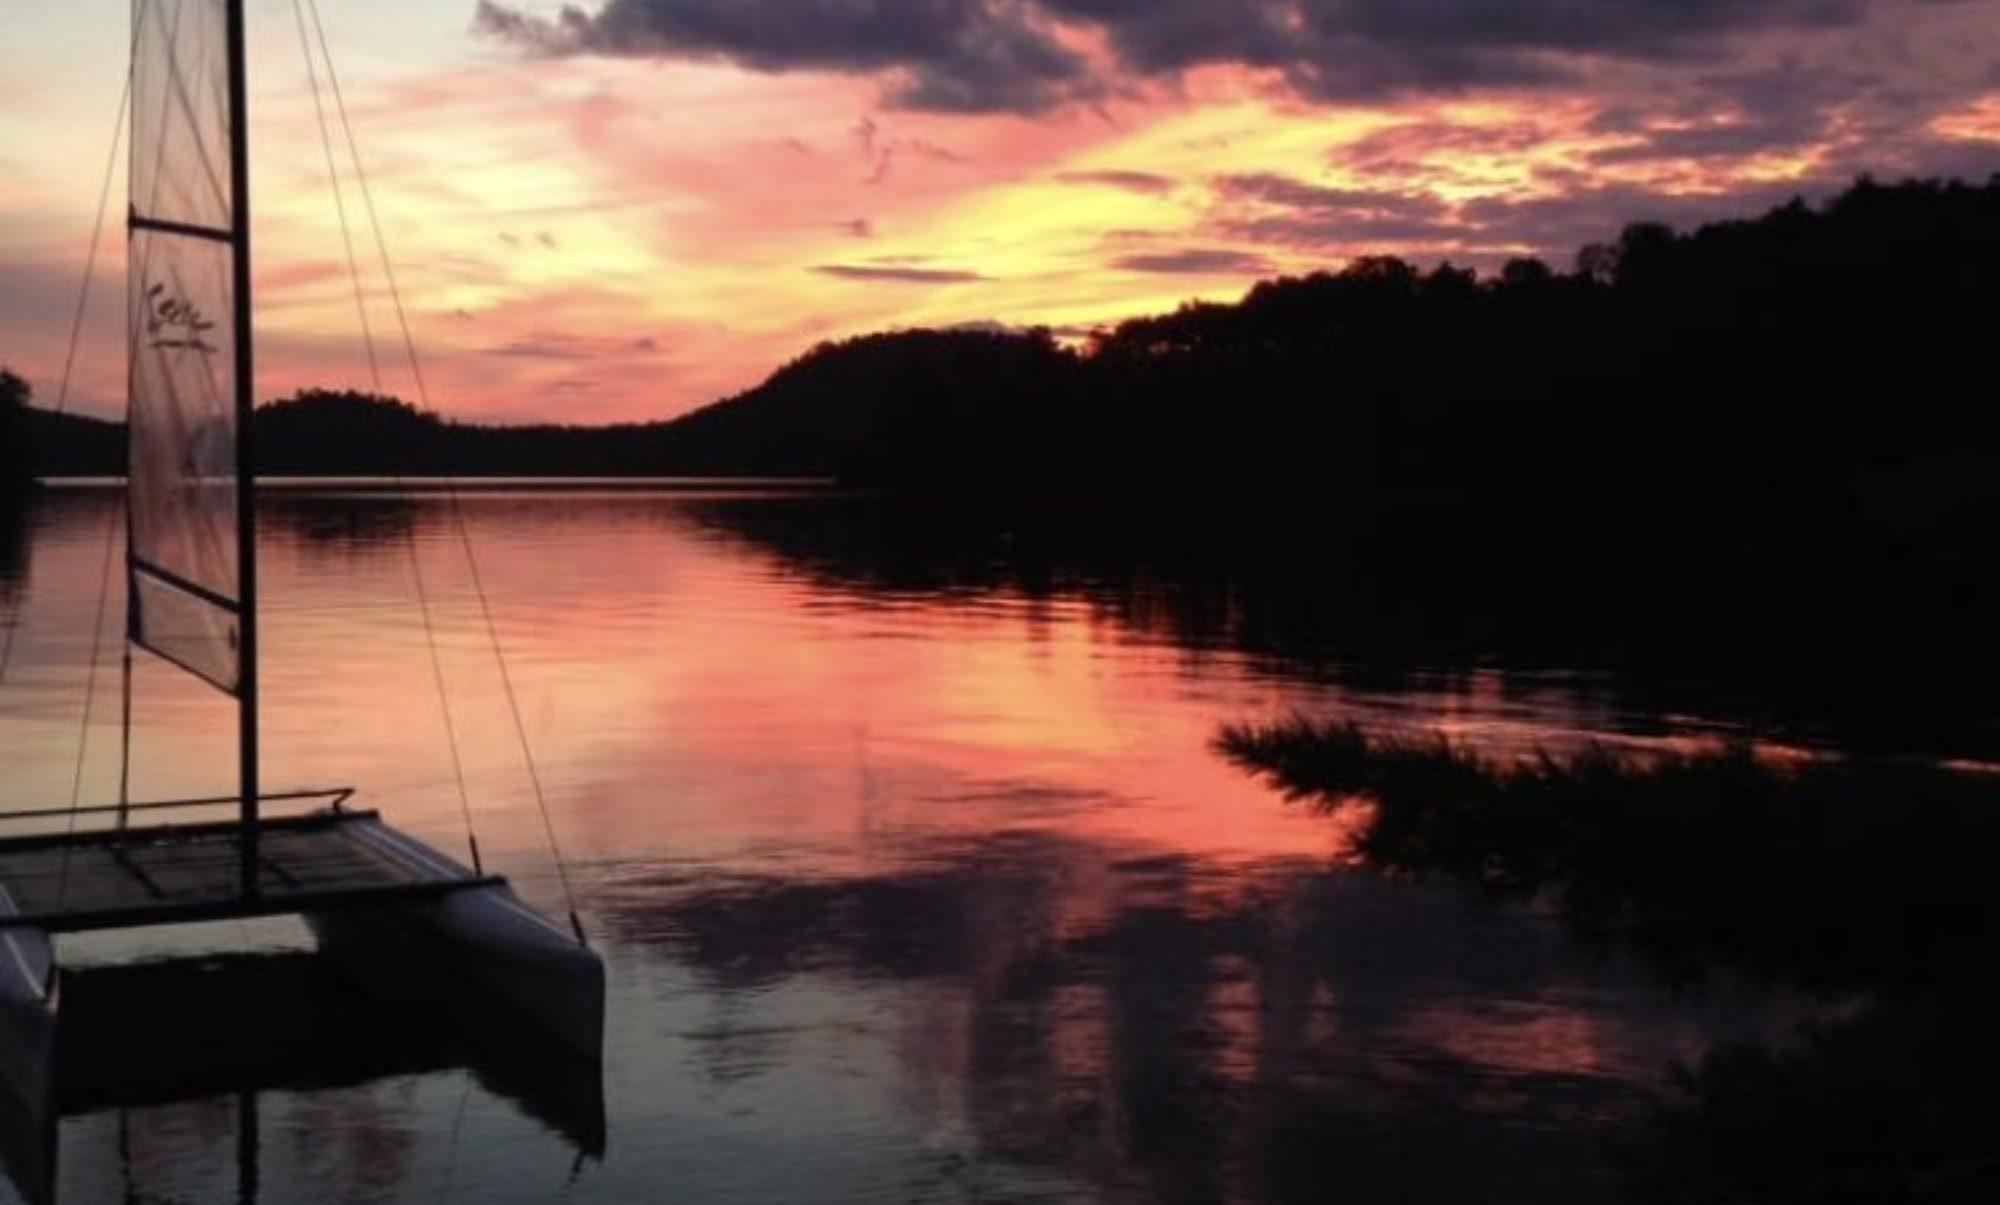 Lake Talon Conservation Association